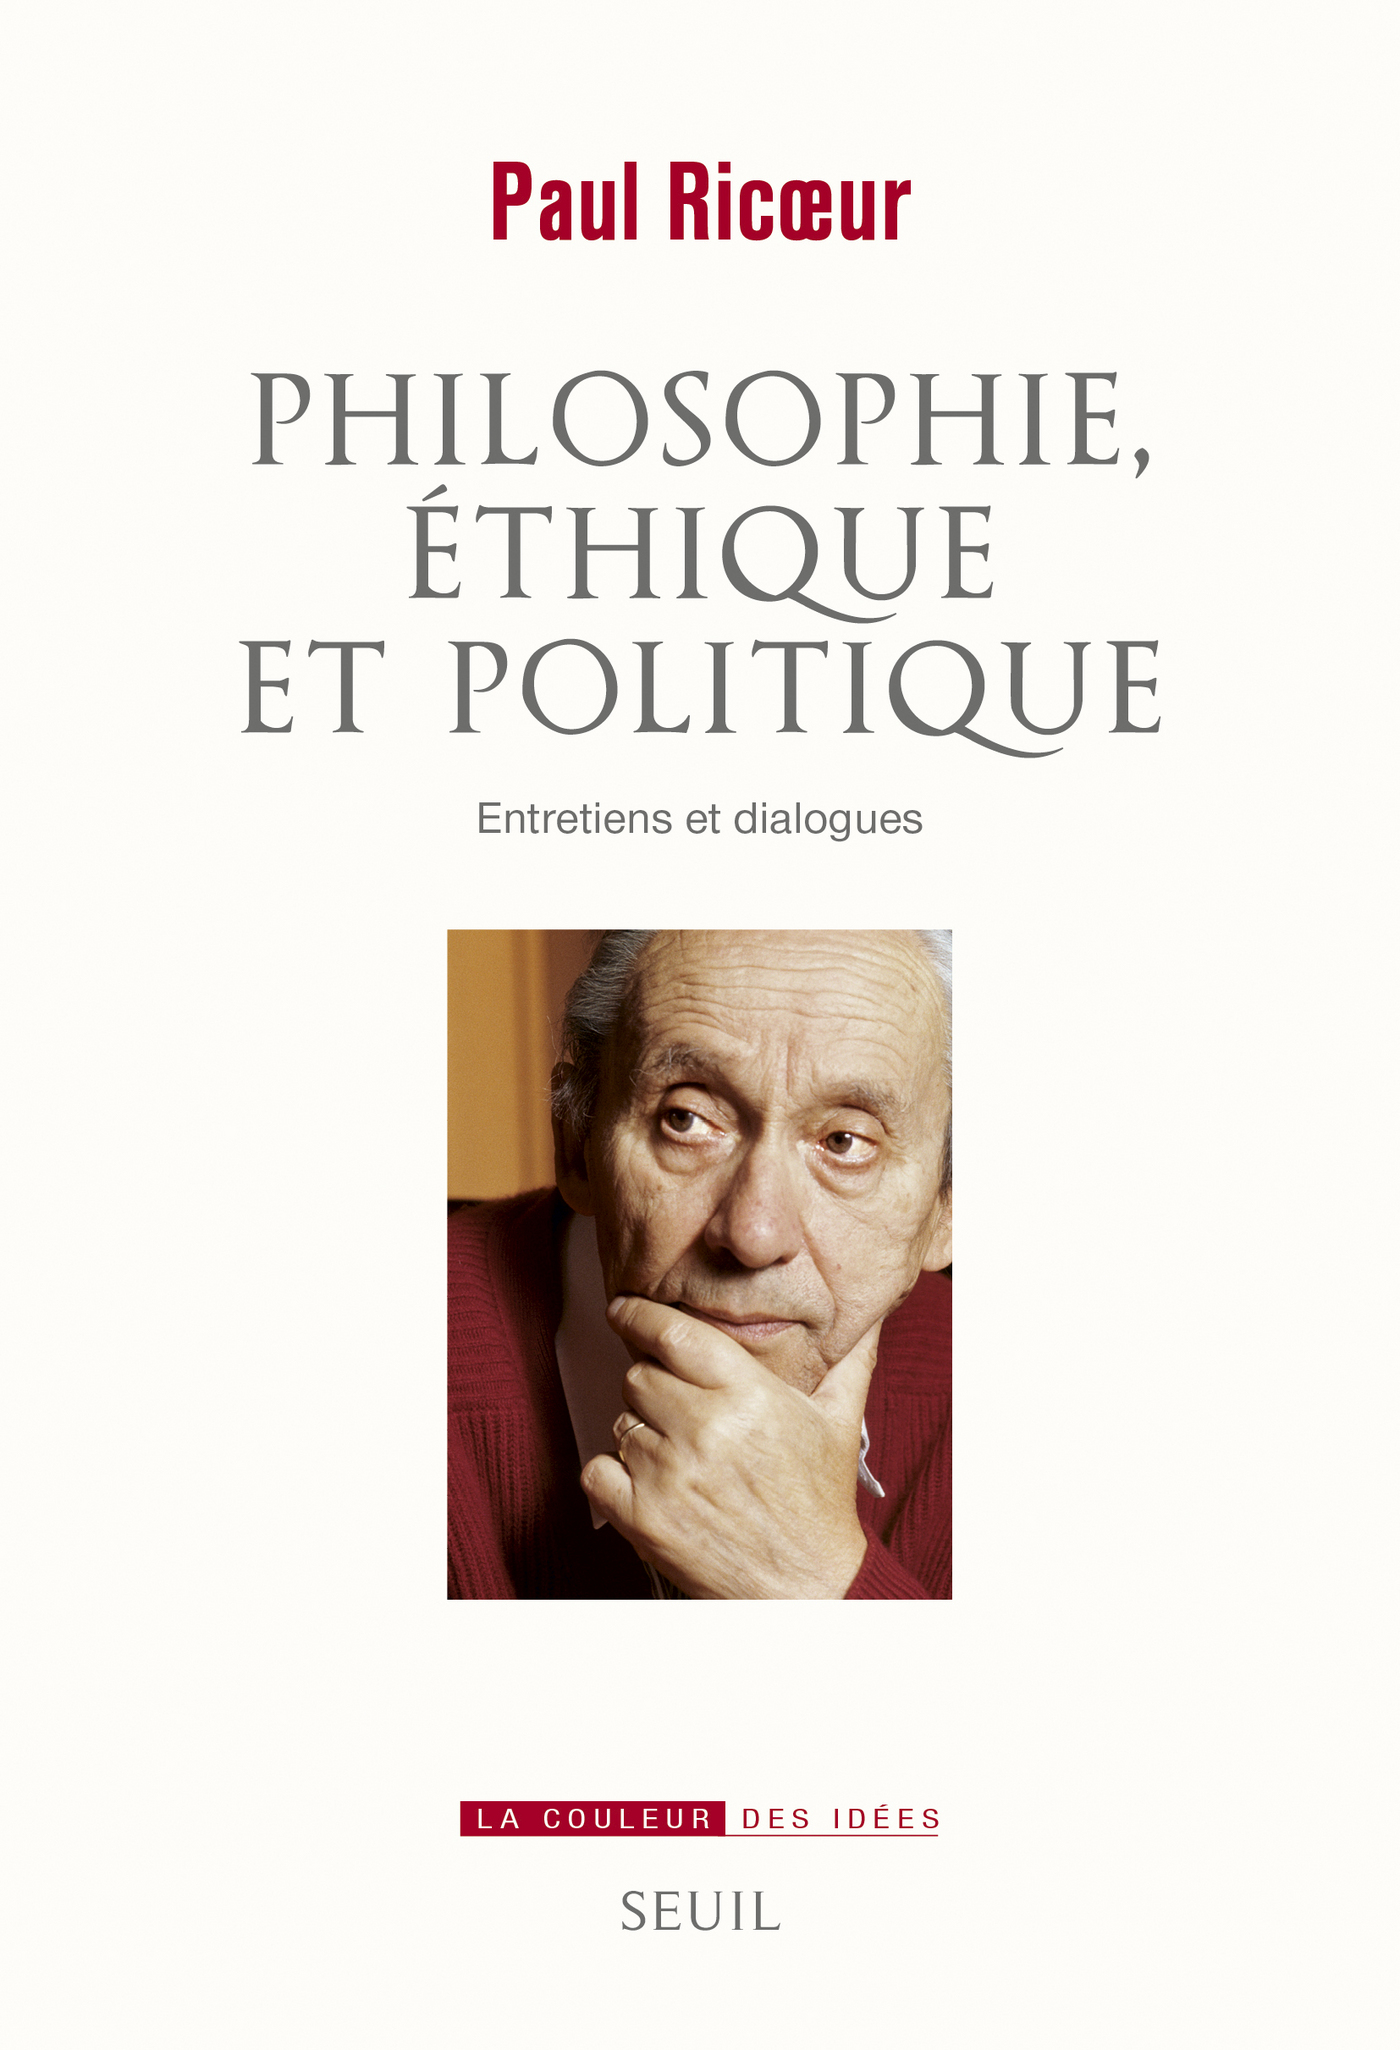 Philosophie, éthique et politique. Entretiens et dialogues | Ricoeur, Paul